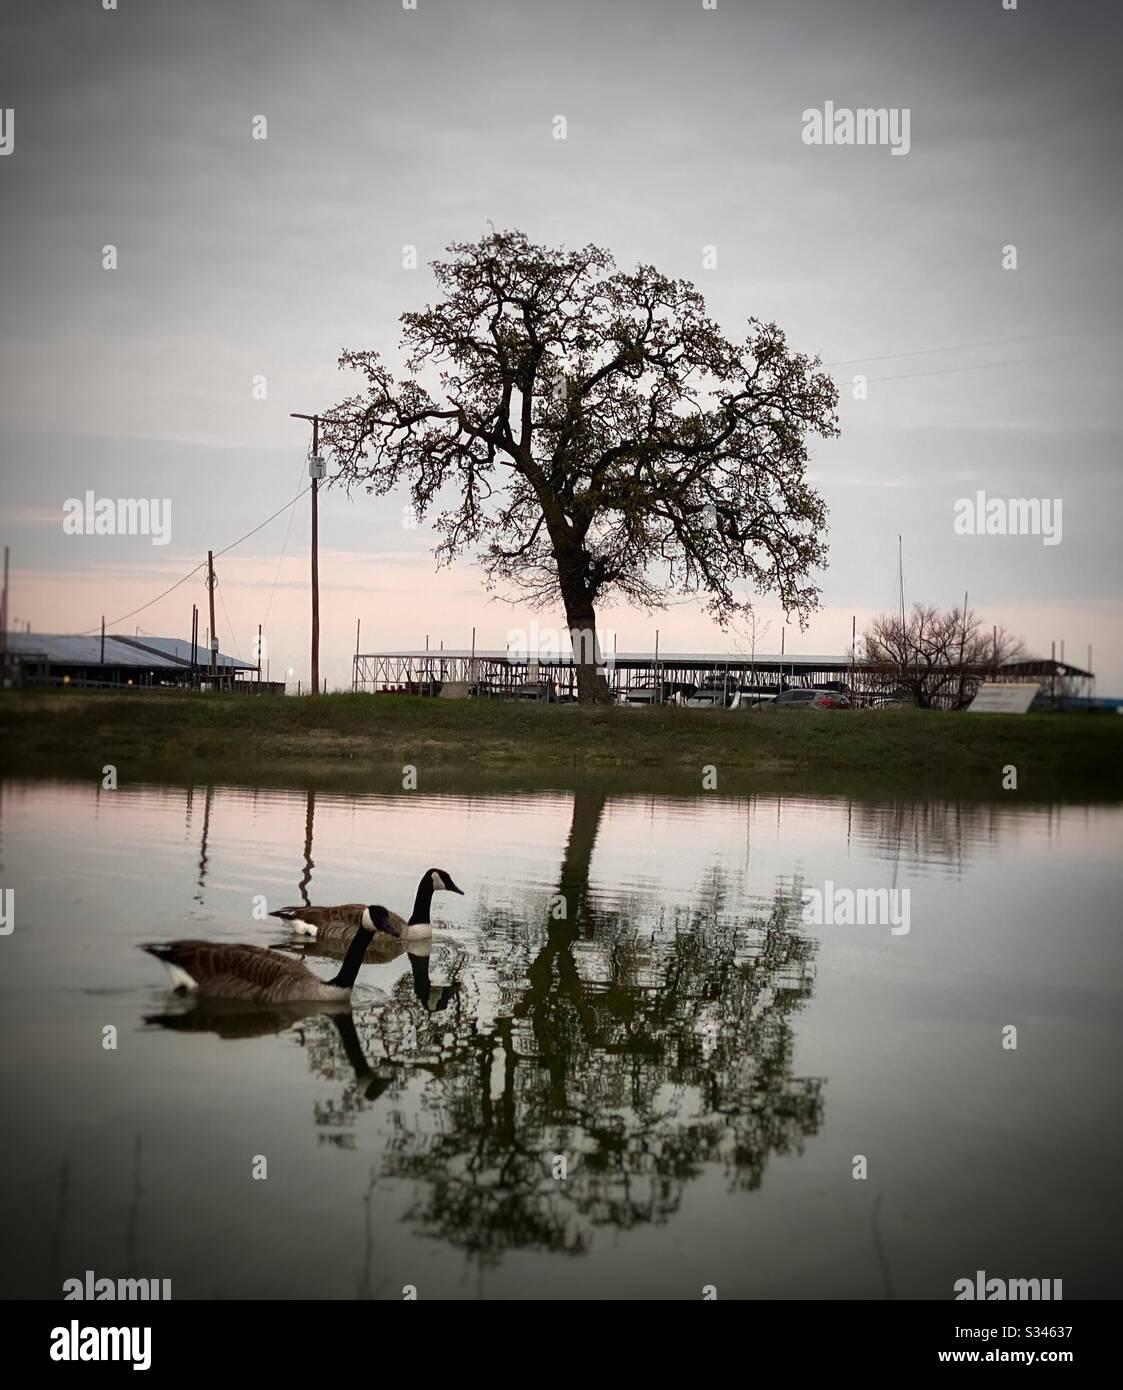 Due belle oche che guado sul lago durante il tramonto, tra la splendida riflessione degli alberi in acqua presso il porto turistico locale. Foto Stock